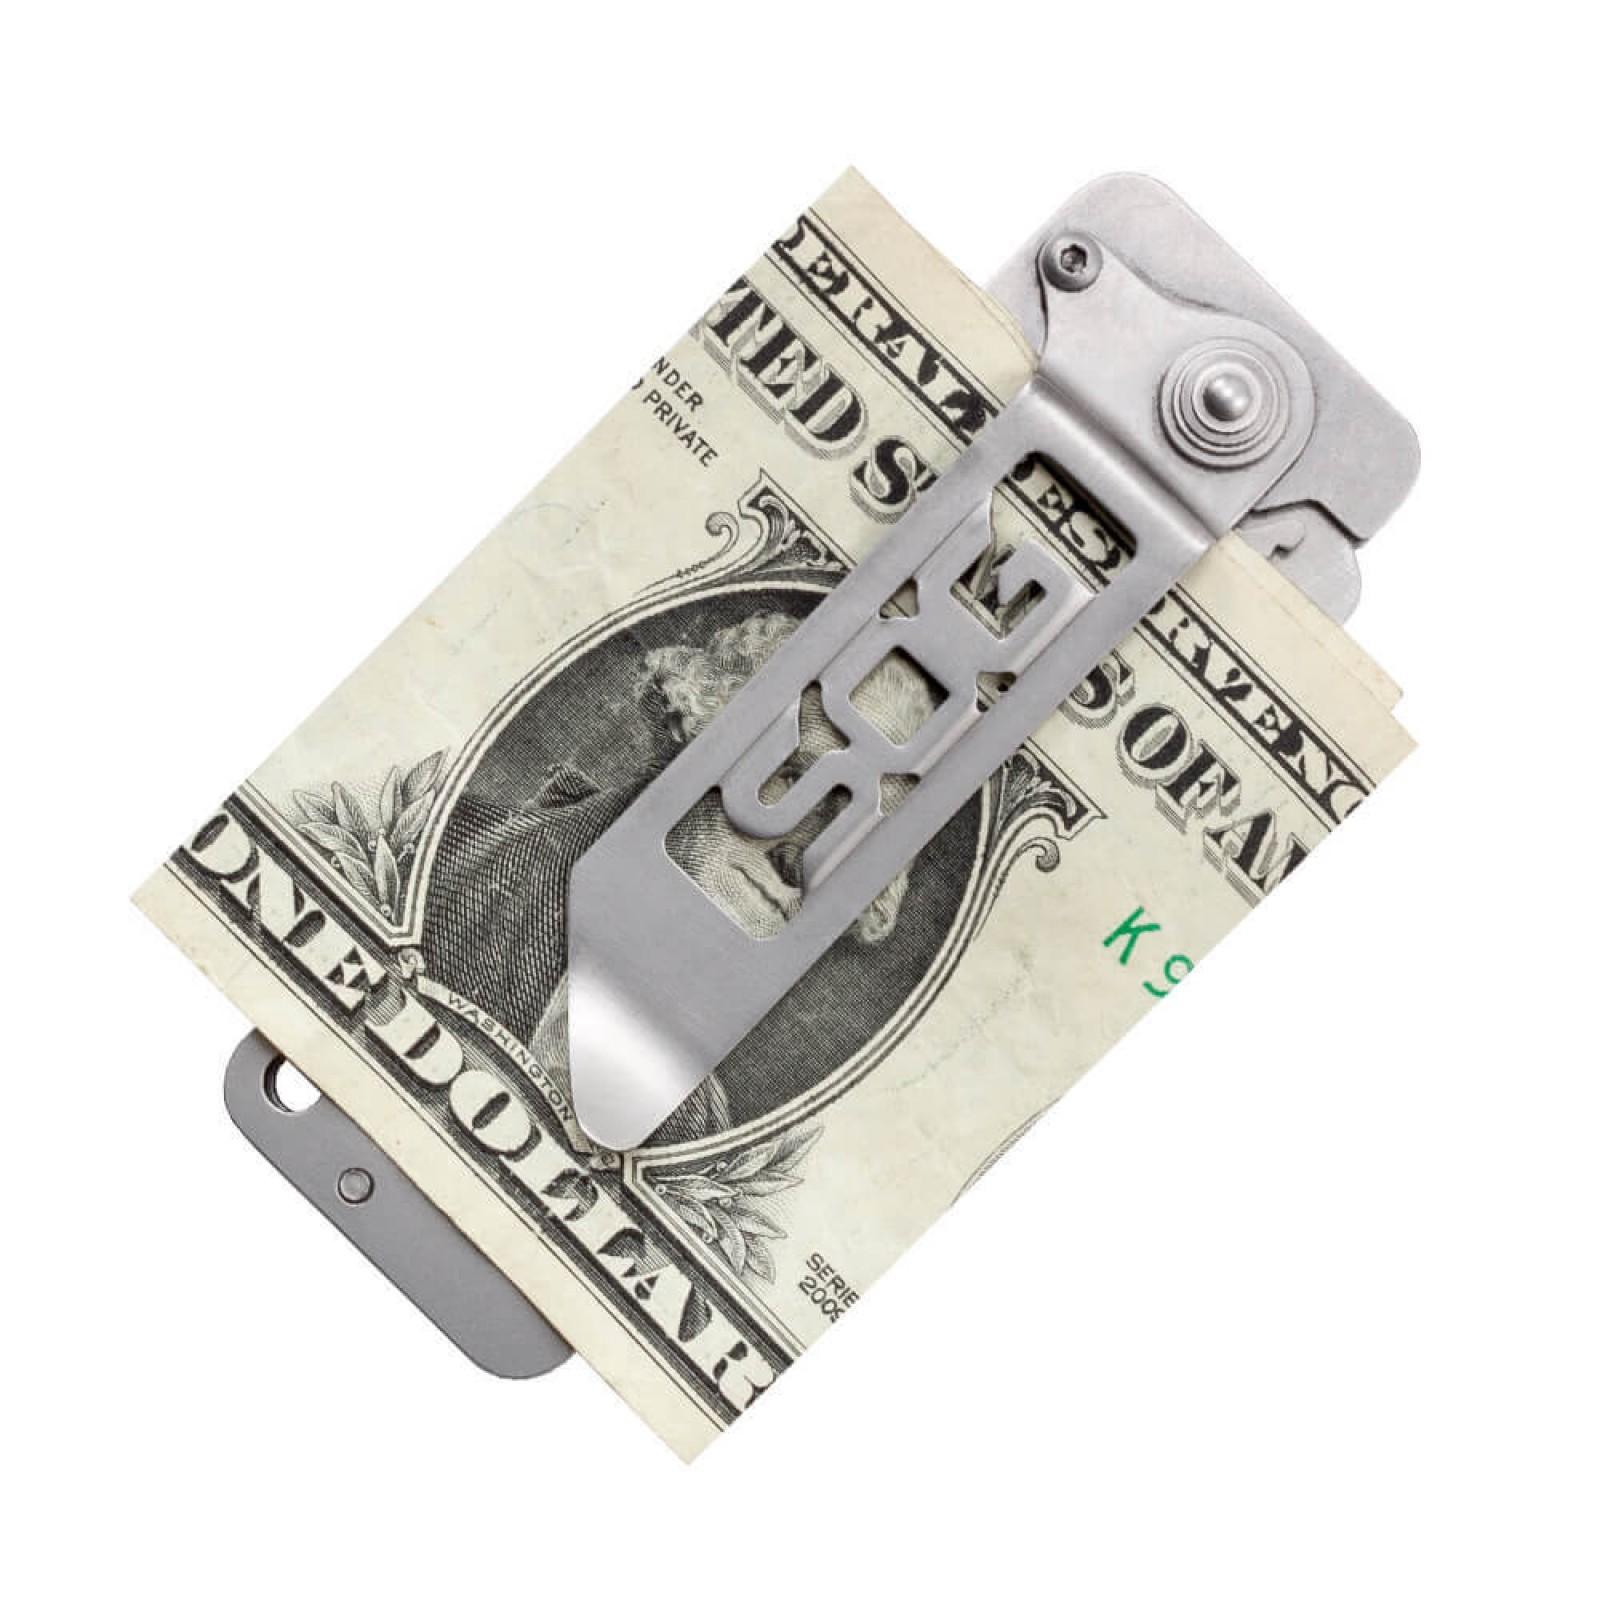 Фото 8 - Складной нож Cash Card Money Clip - SOG EZ1, сталь 8Cr13MoV, рукоять нержавеющая сталь, серебристый